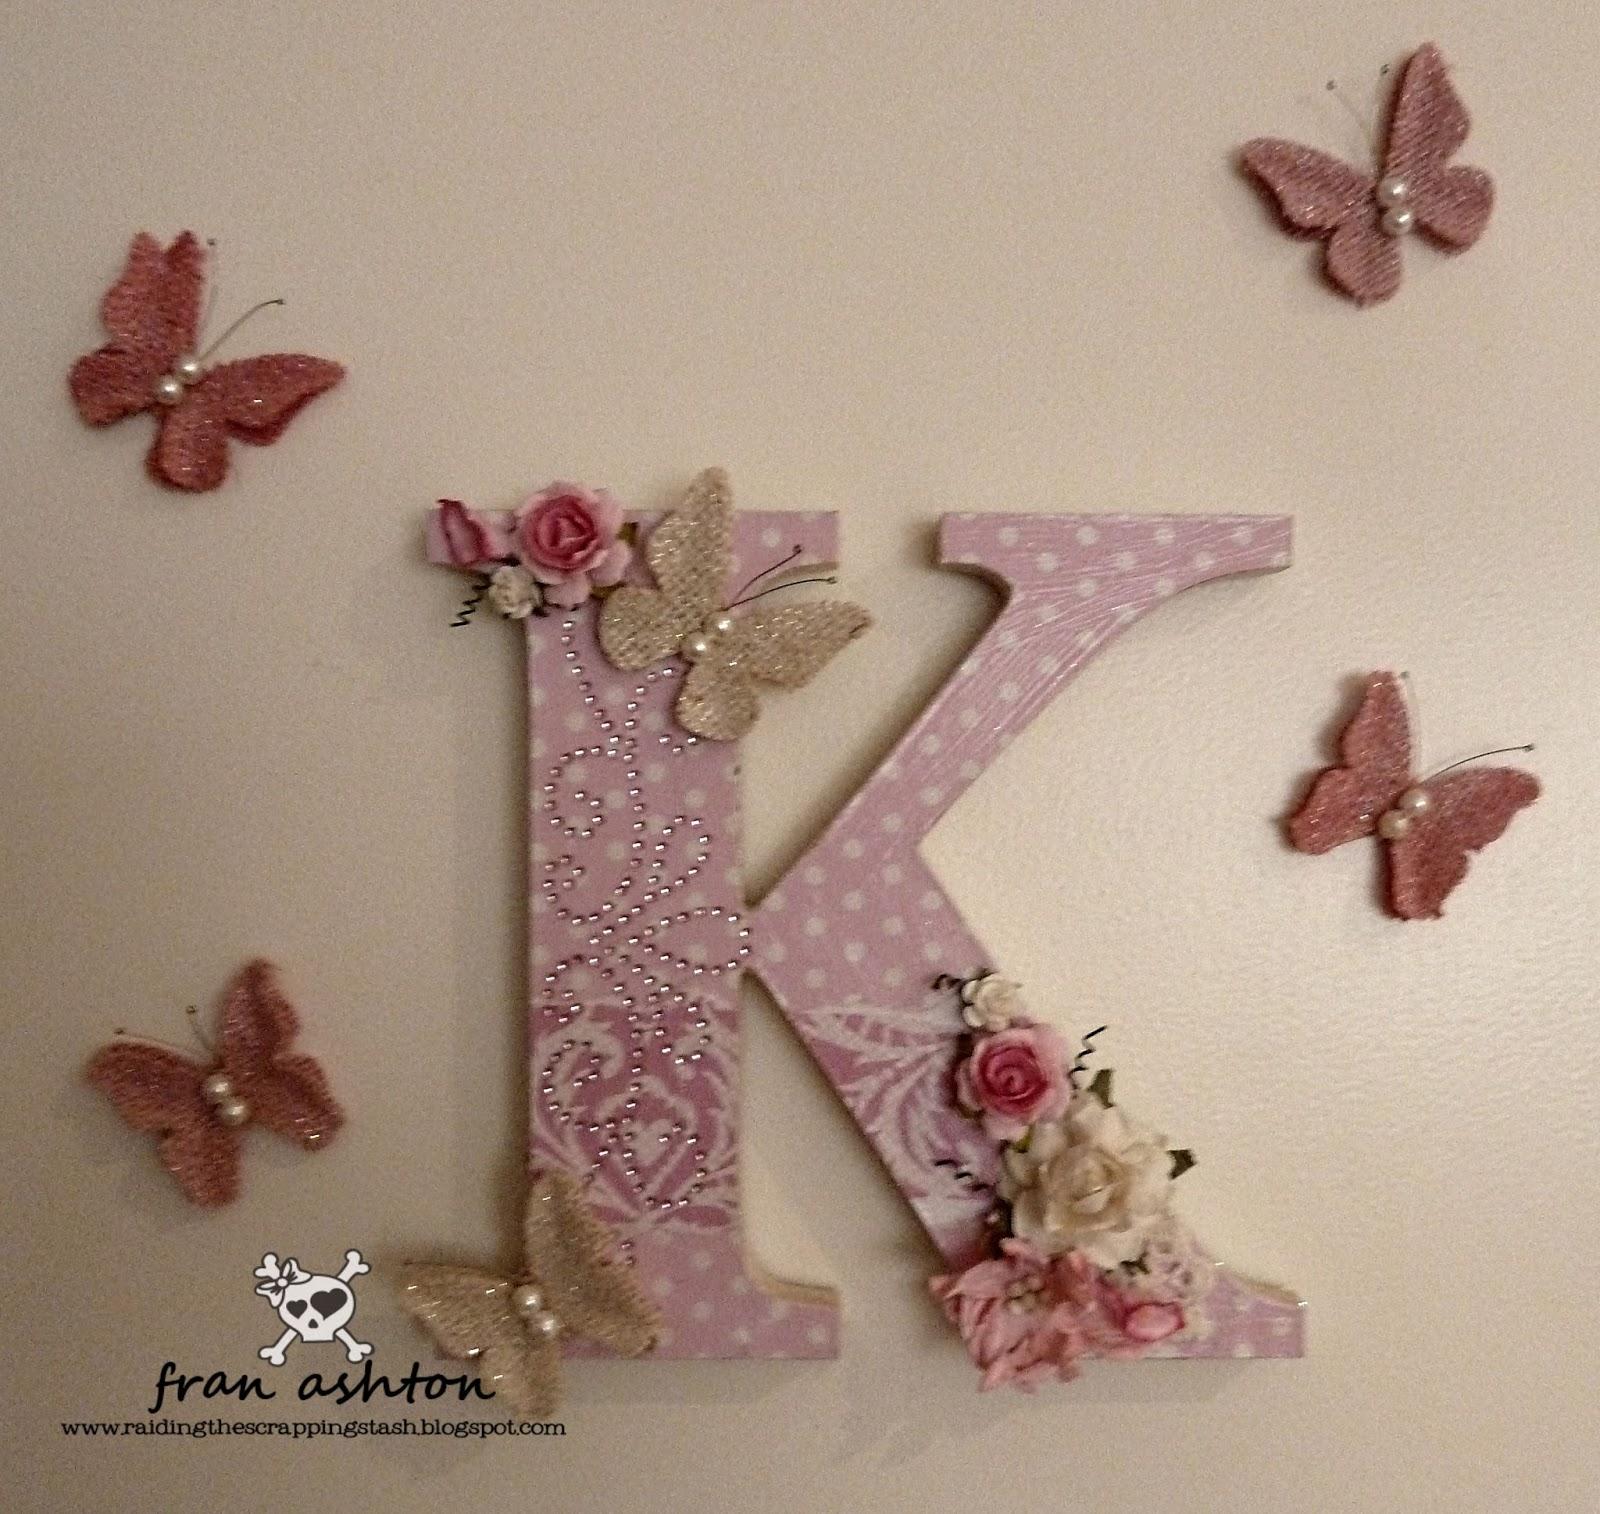 R Love S Name Wallpaper Jpeg Box Download Your Favorite Digital